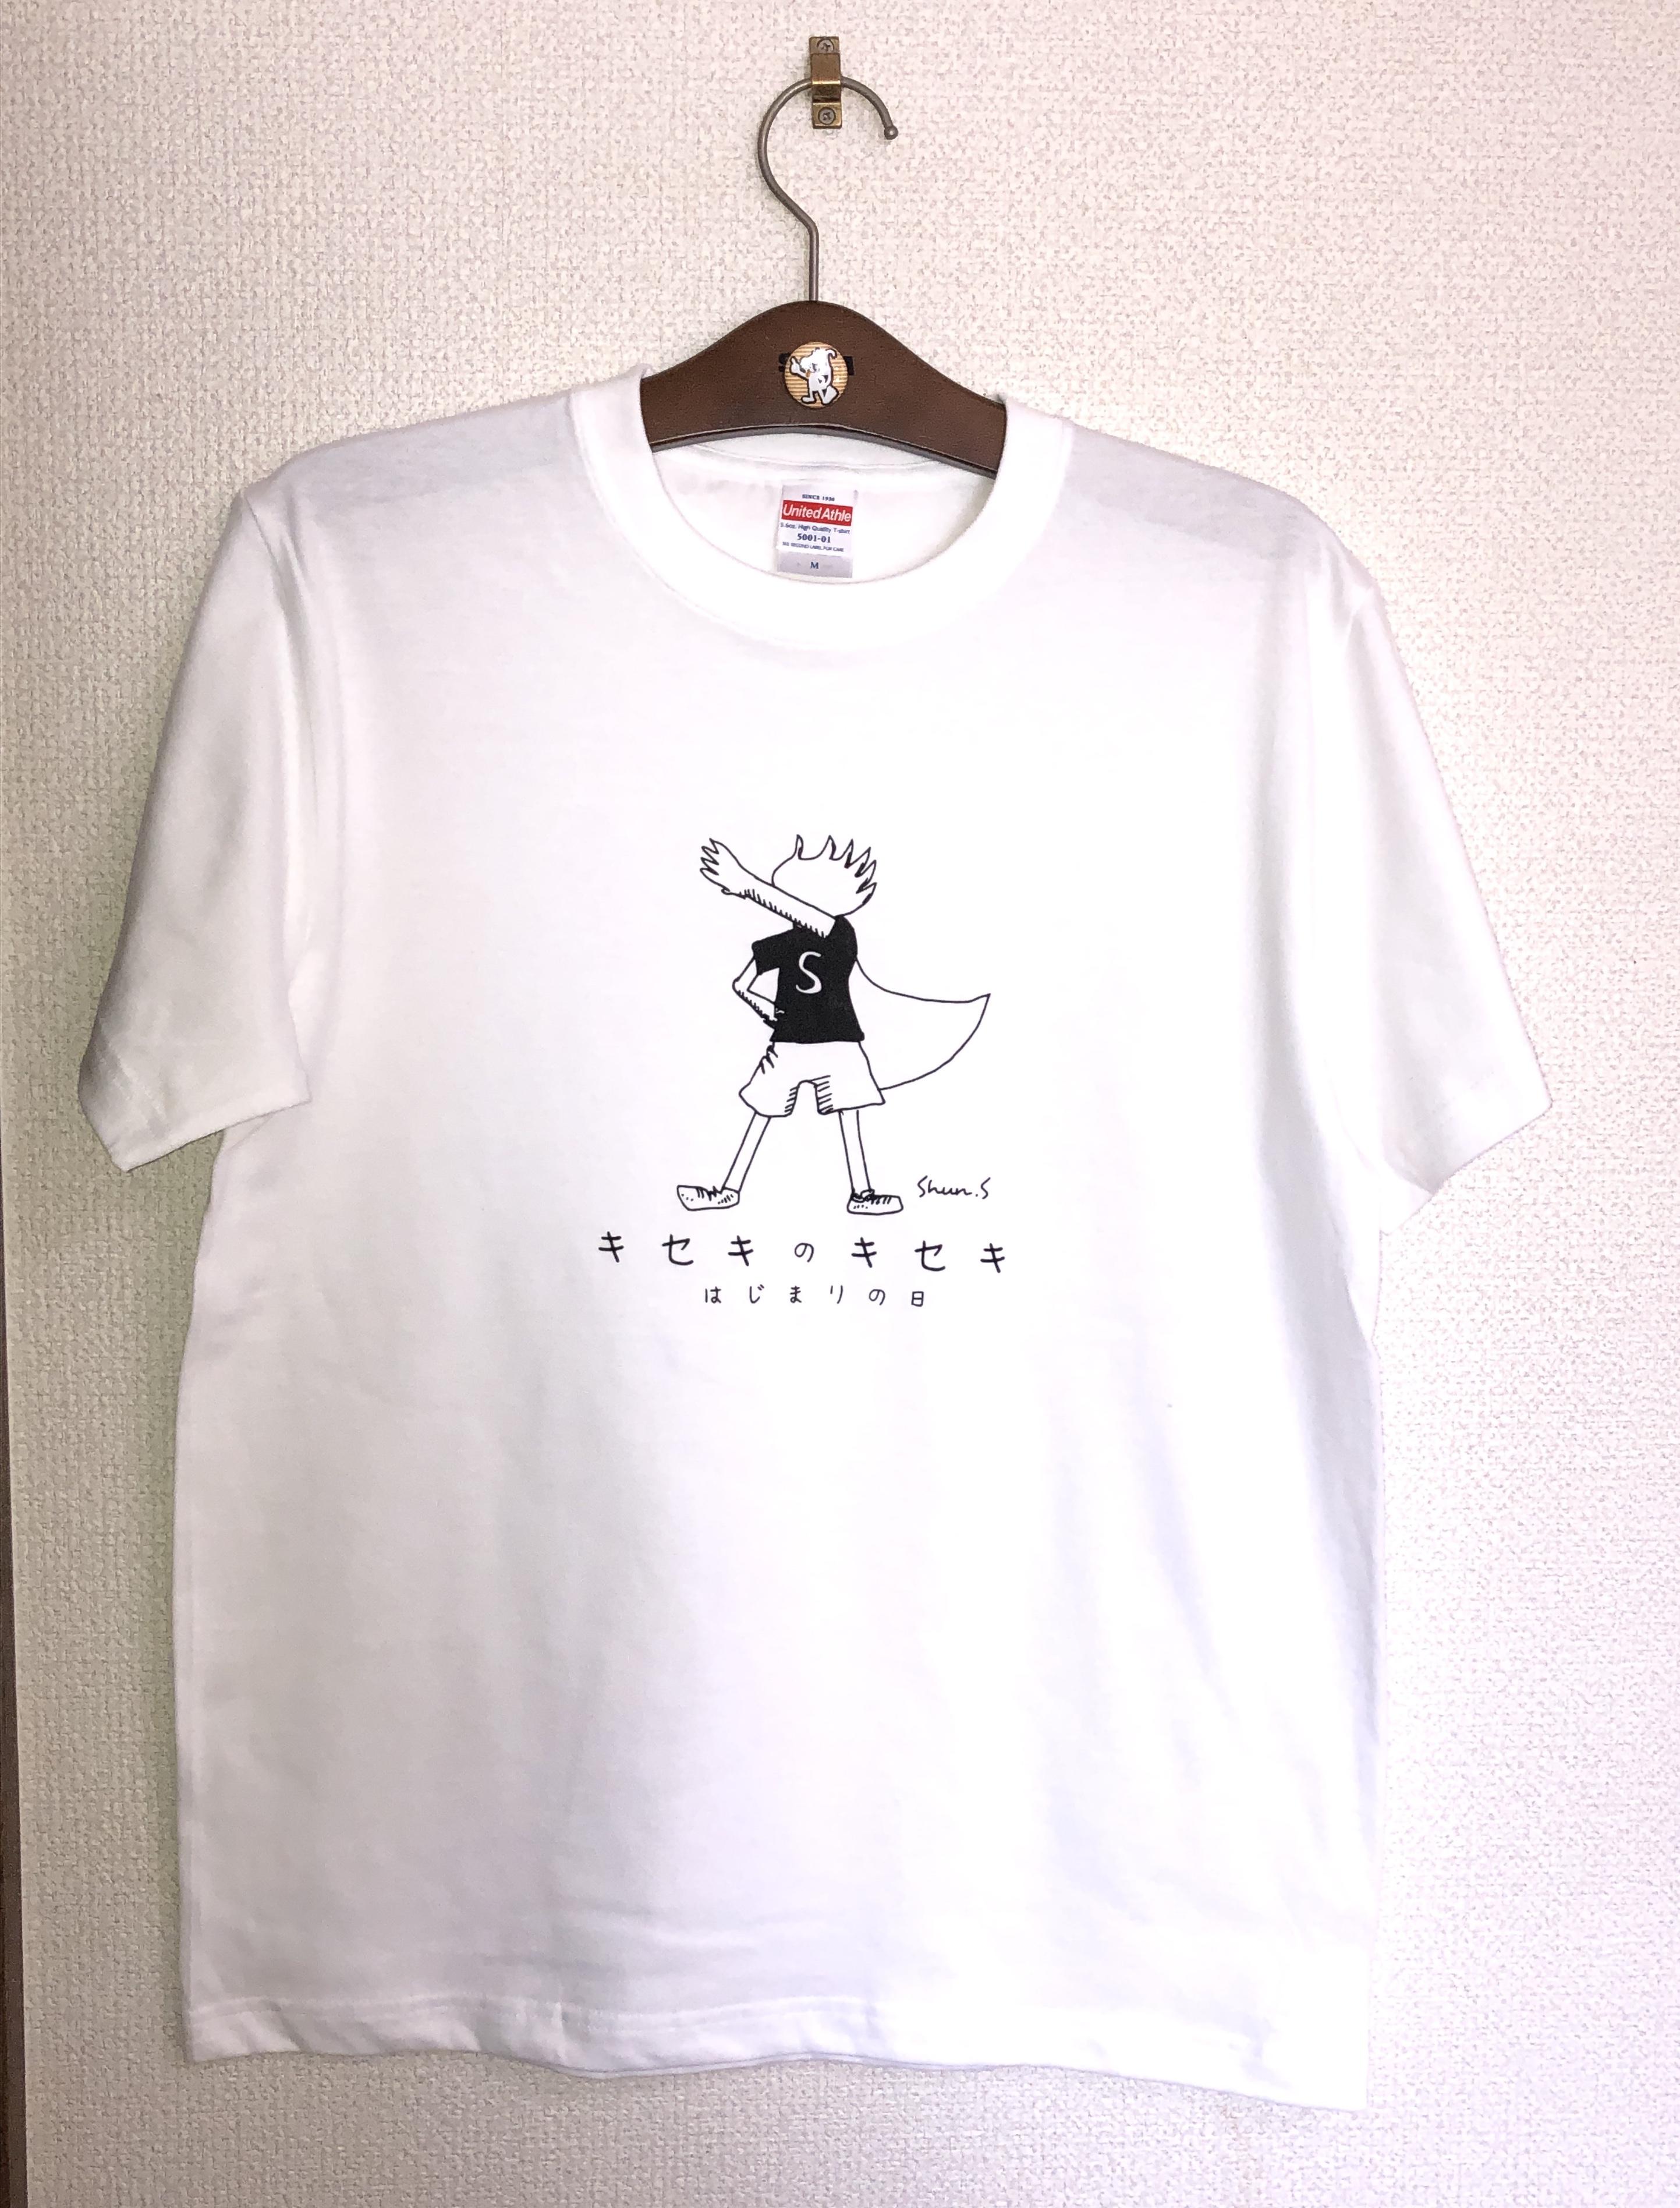 染谷俊キセキのキセキツアーTシャツ販売します!!!